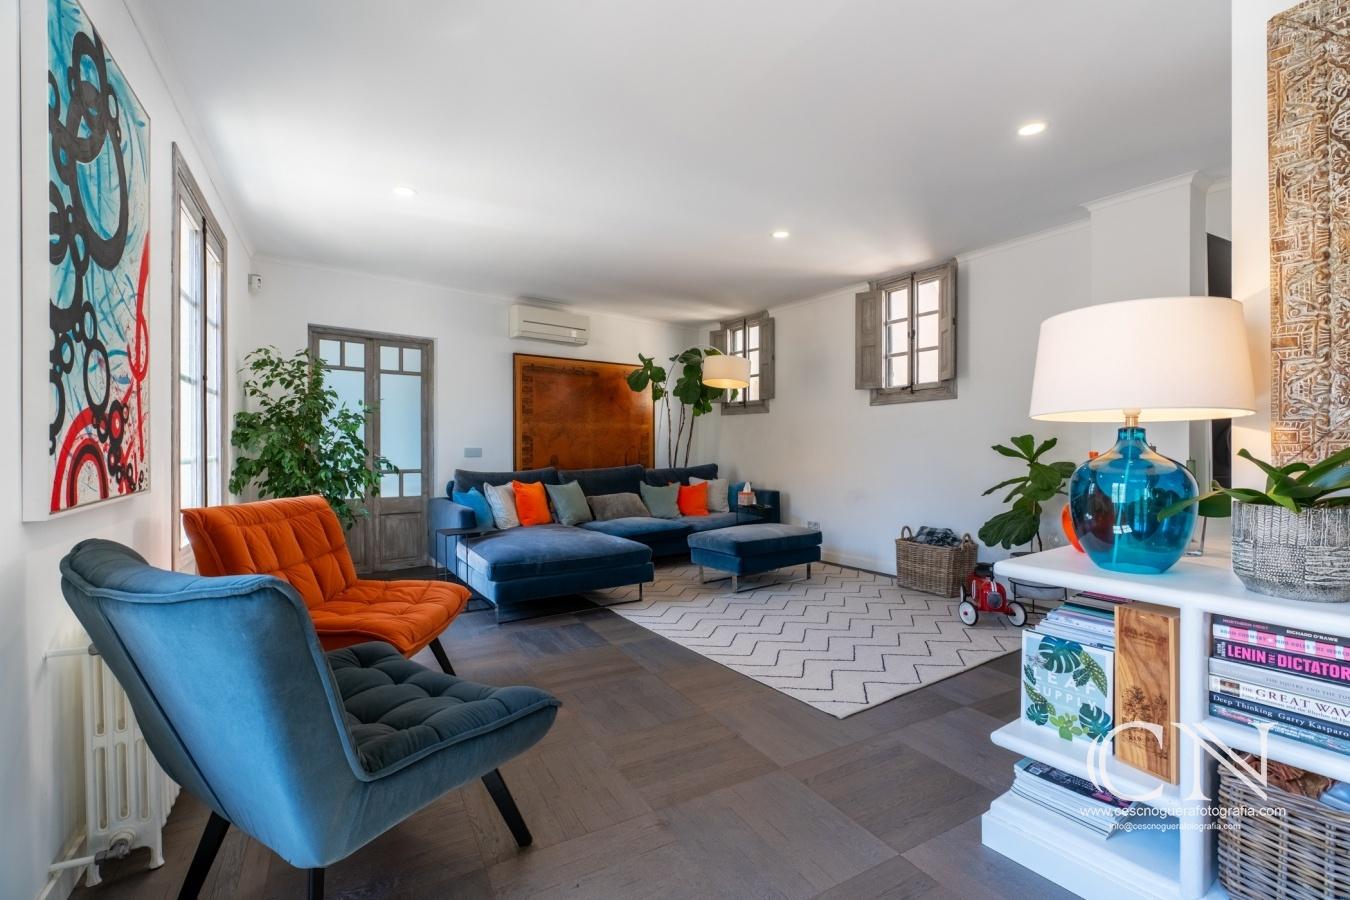 Apartament Centre de Palma - Cesc Noguera Fotografia,  Architectural & Interior design photographer / Landscape Photography.